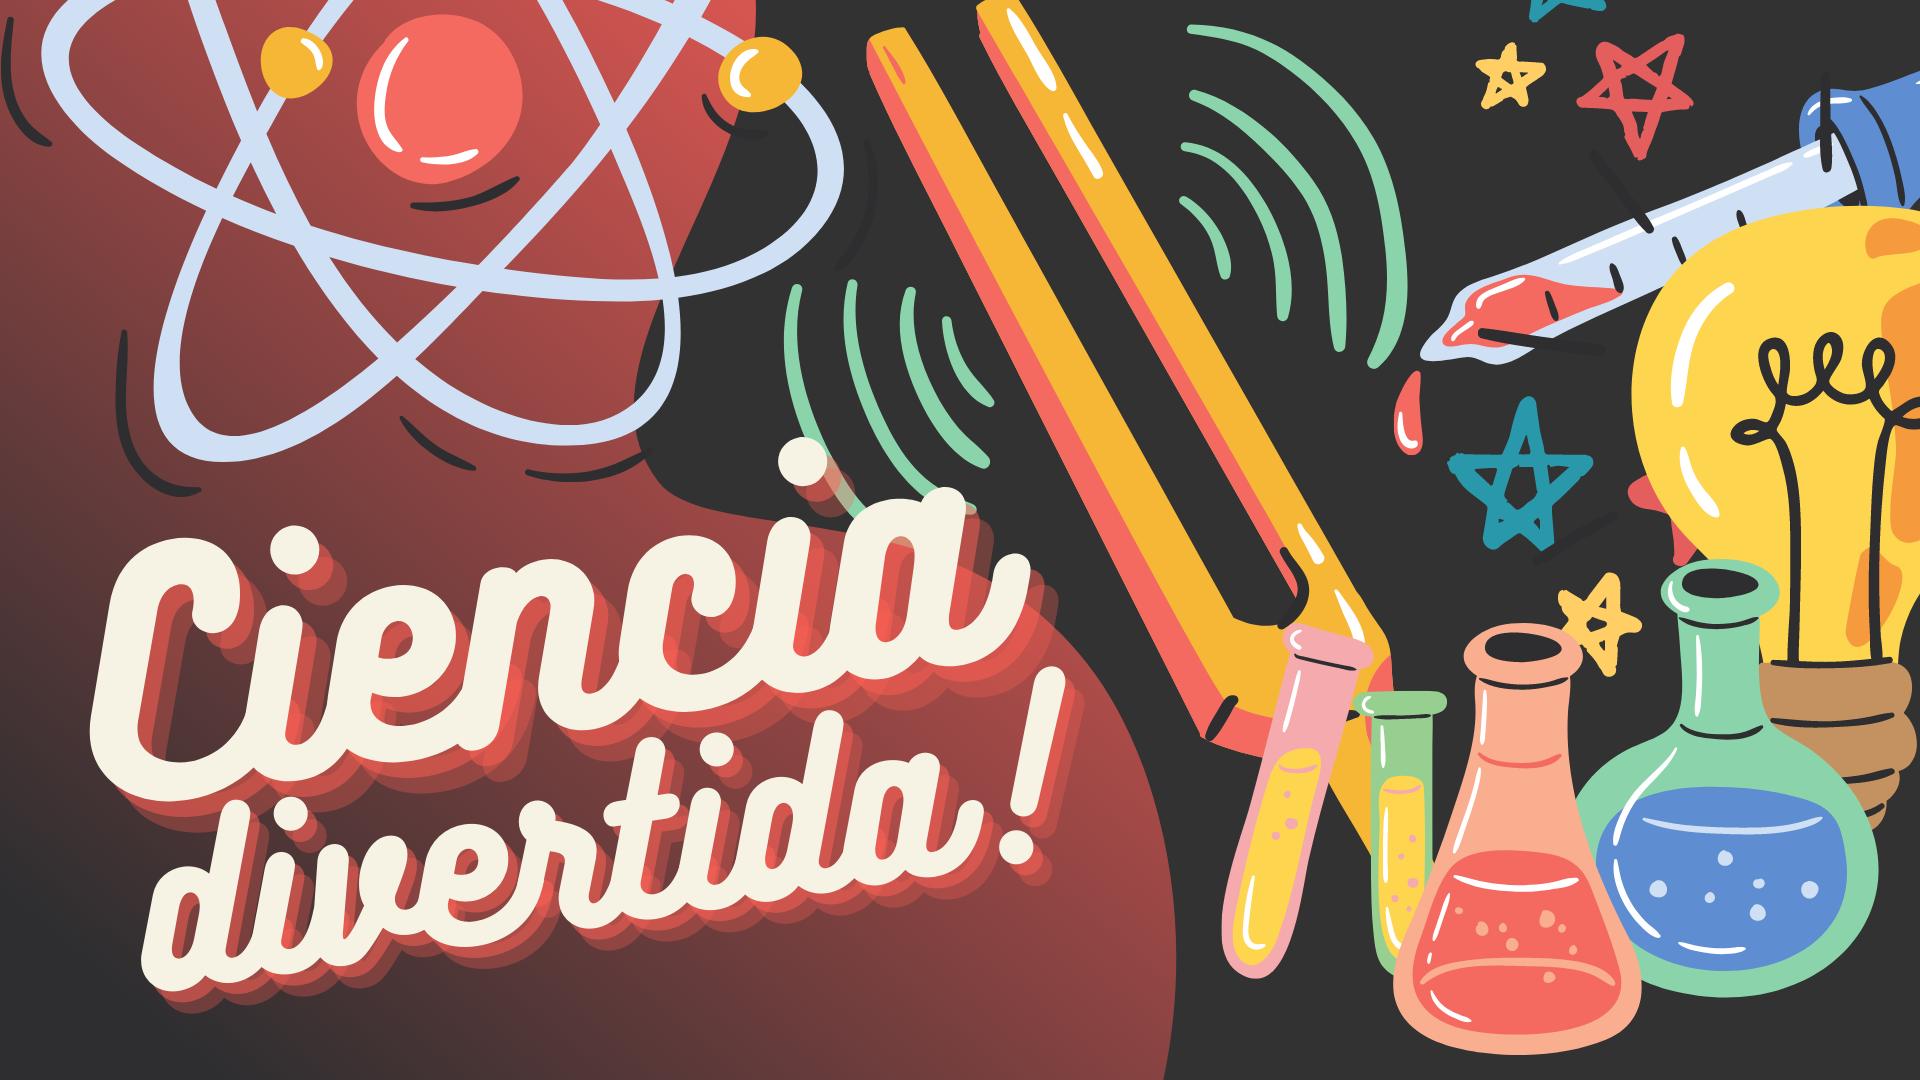 CURSO DE CIENCIA DIVERTIDA